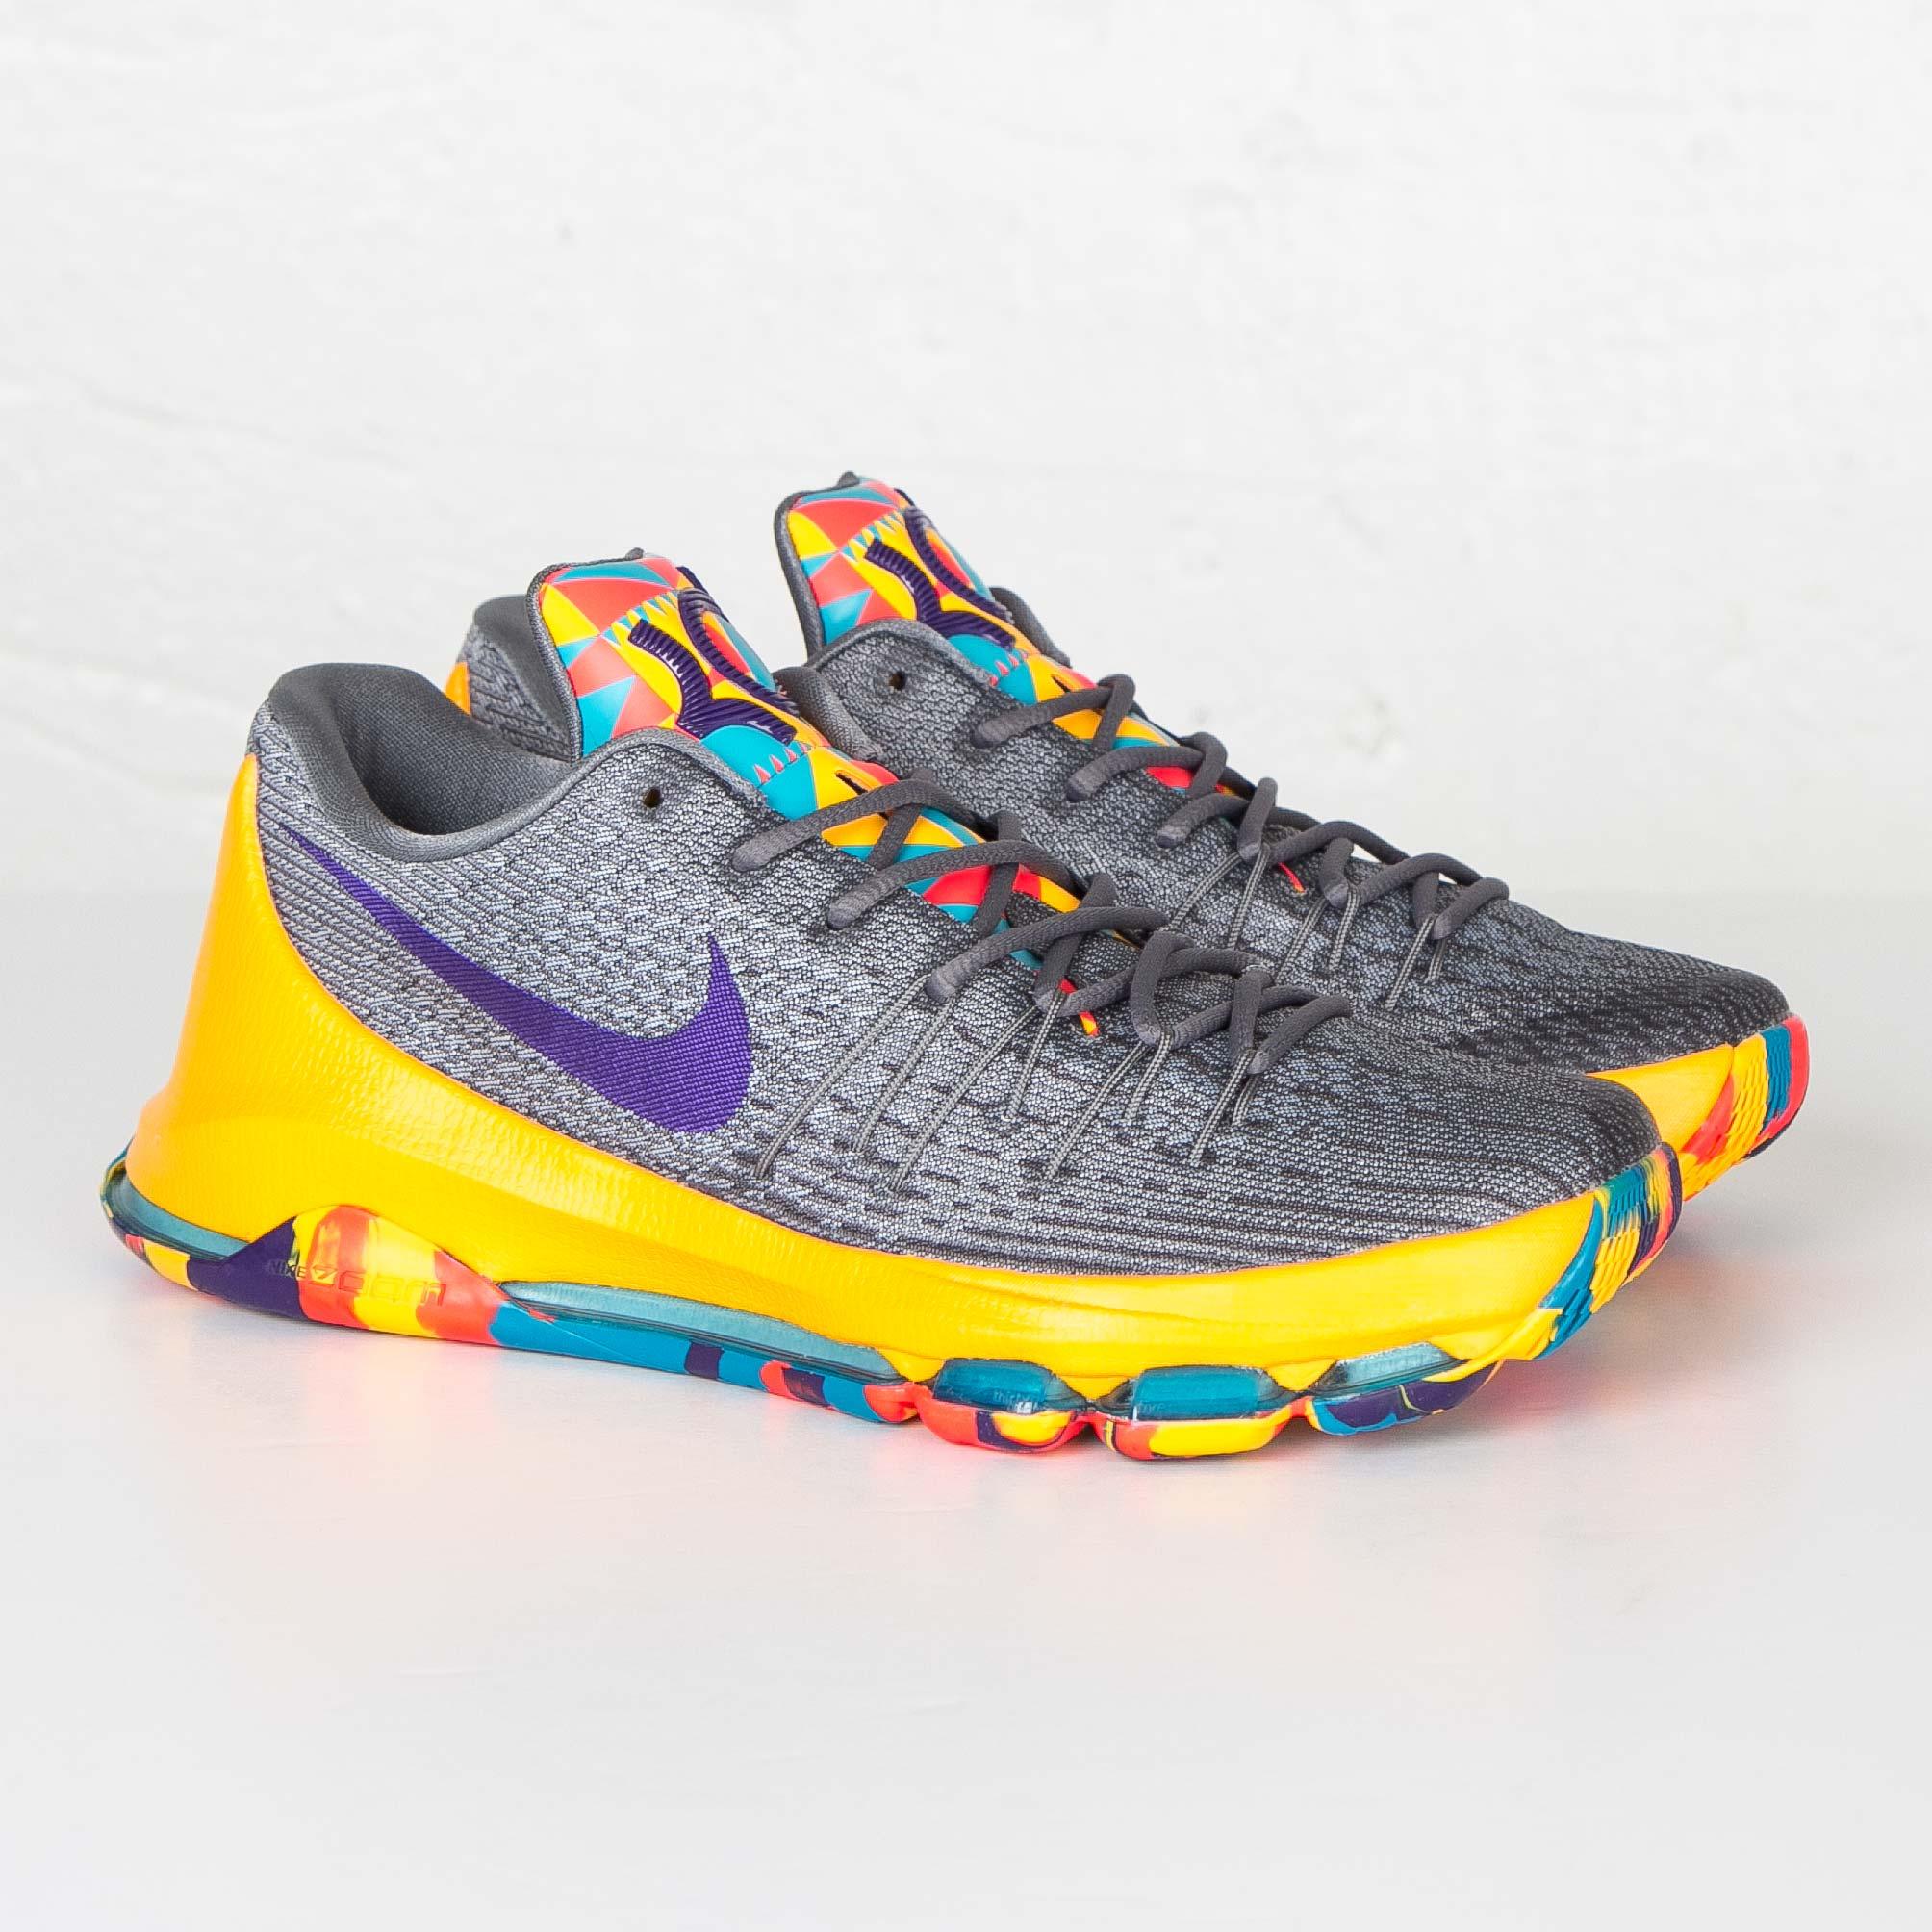 size 40 908e7 da622 Nike KD 8 - 749375-050 - Sneakersnstuff   sneakers   streetwear ...